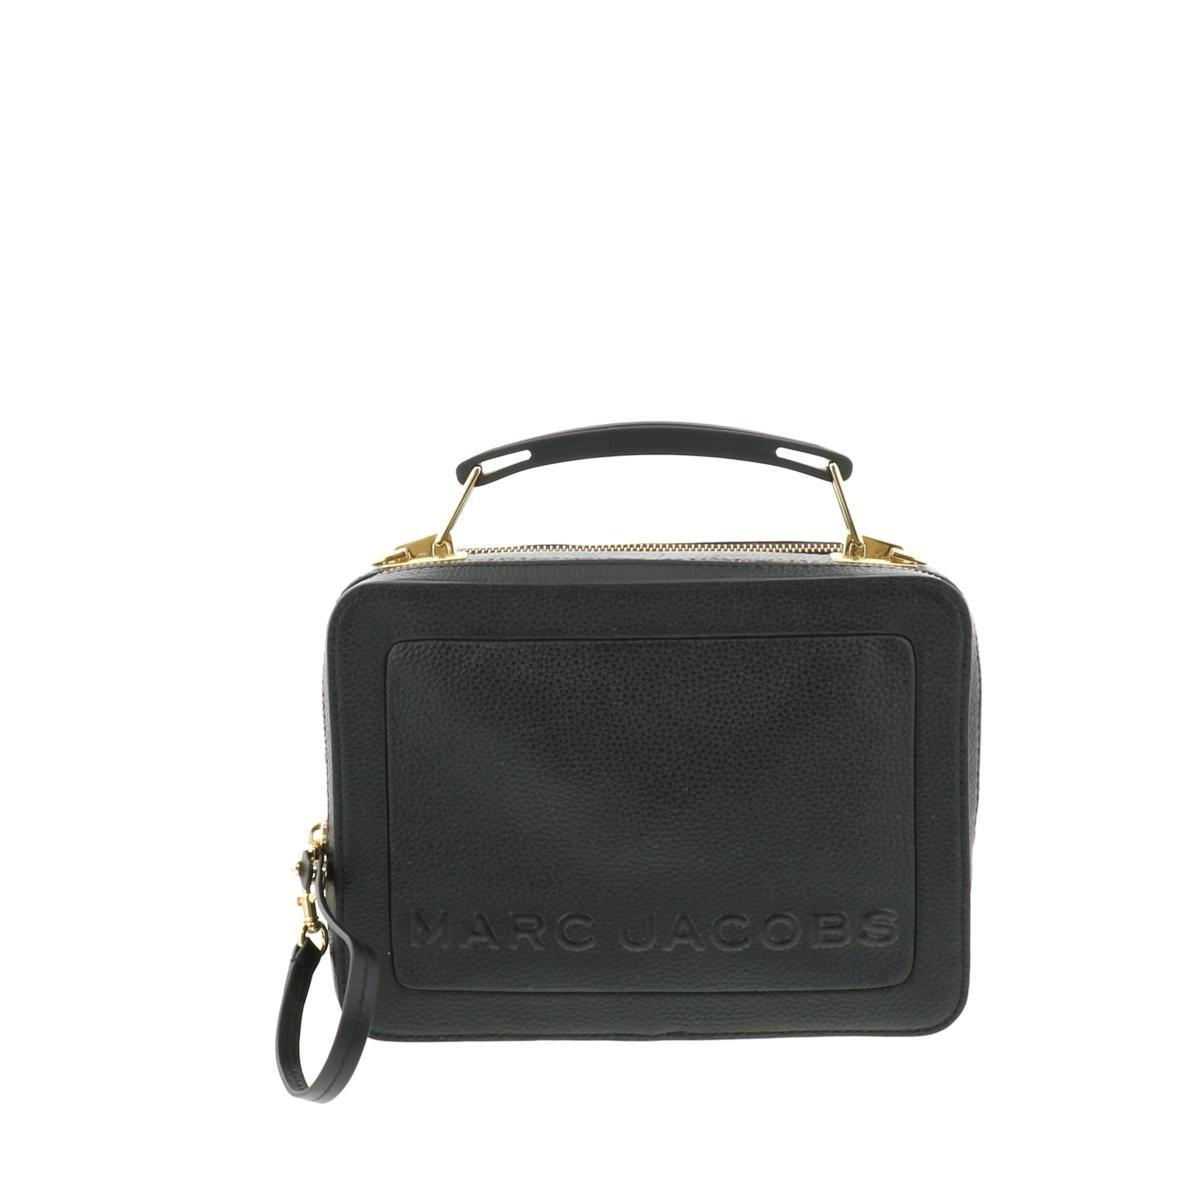 【XmasSALE】【即日発送・水曜定休日・木曜発送】【美品】【オススメ】【RI】 MARC JACOBS (マークジェイコブス) THE BOX 23 バッグ ショルダー/メッセンジャーバッグ THEBOX Black/ブラック M0014841 used:A